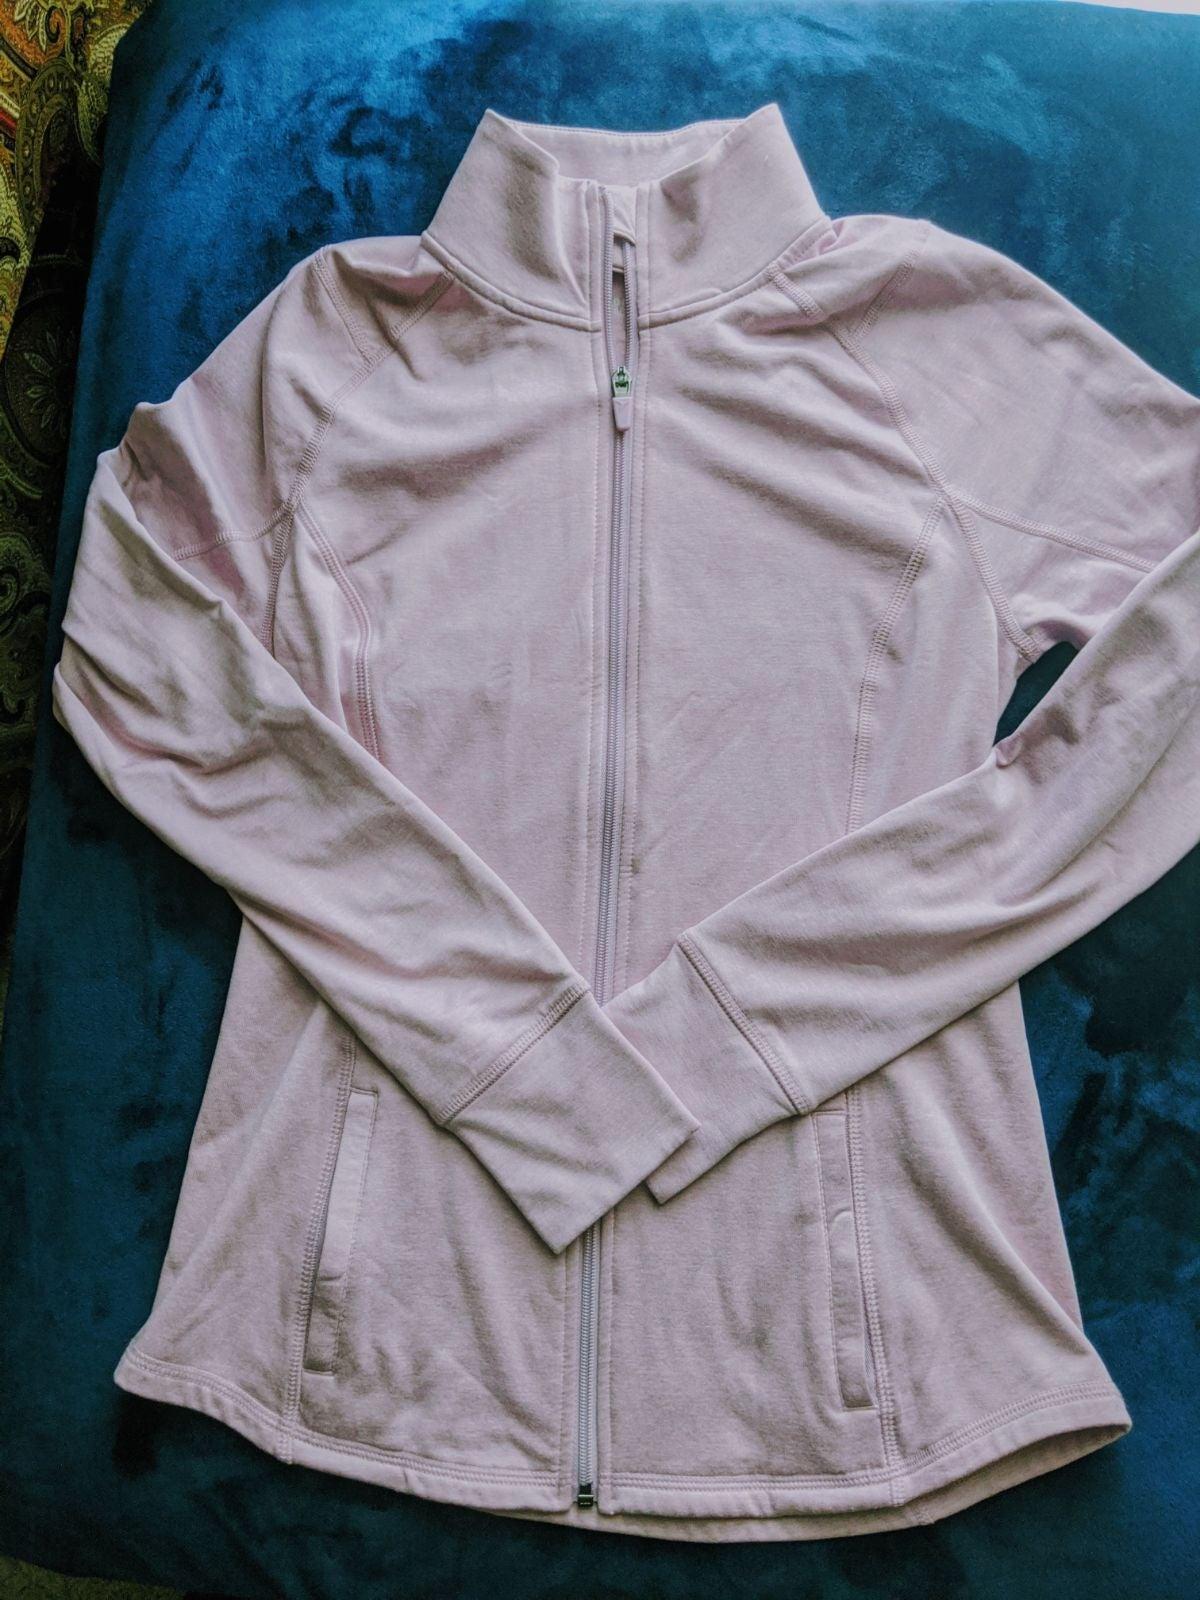 ❤️Lululemon liketype jacket size small